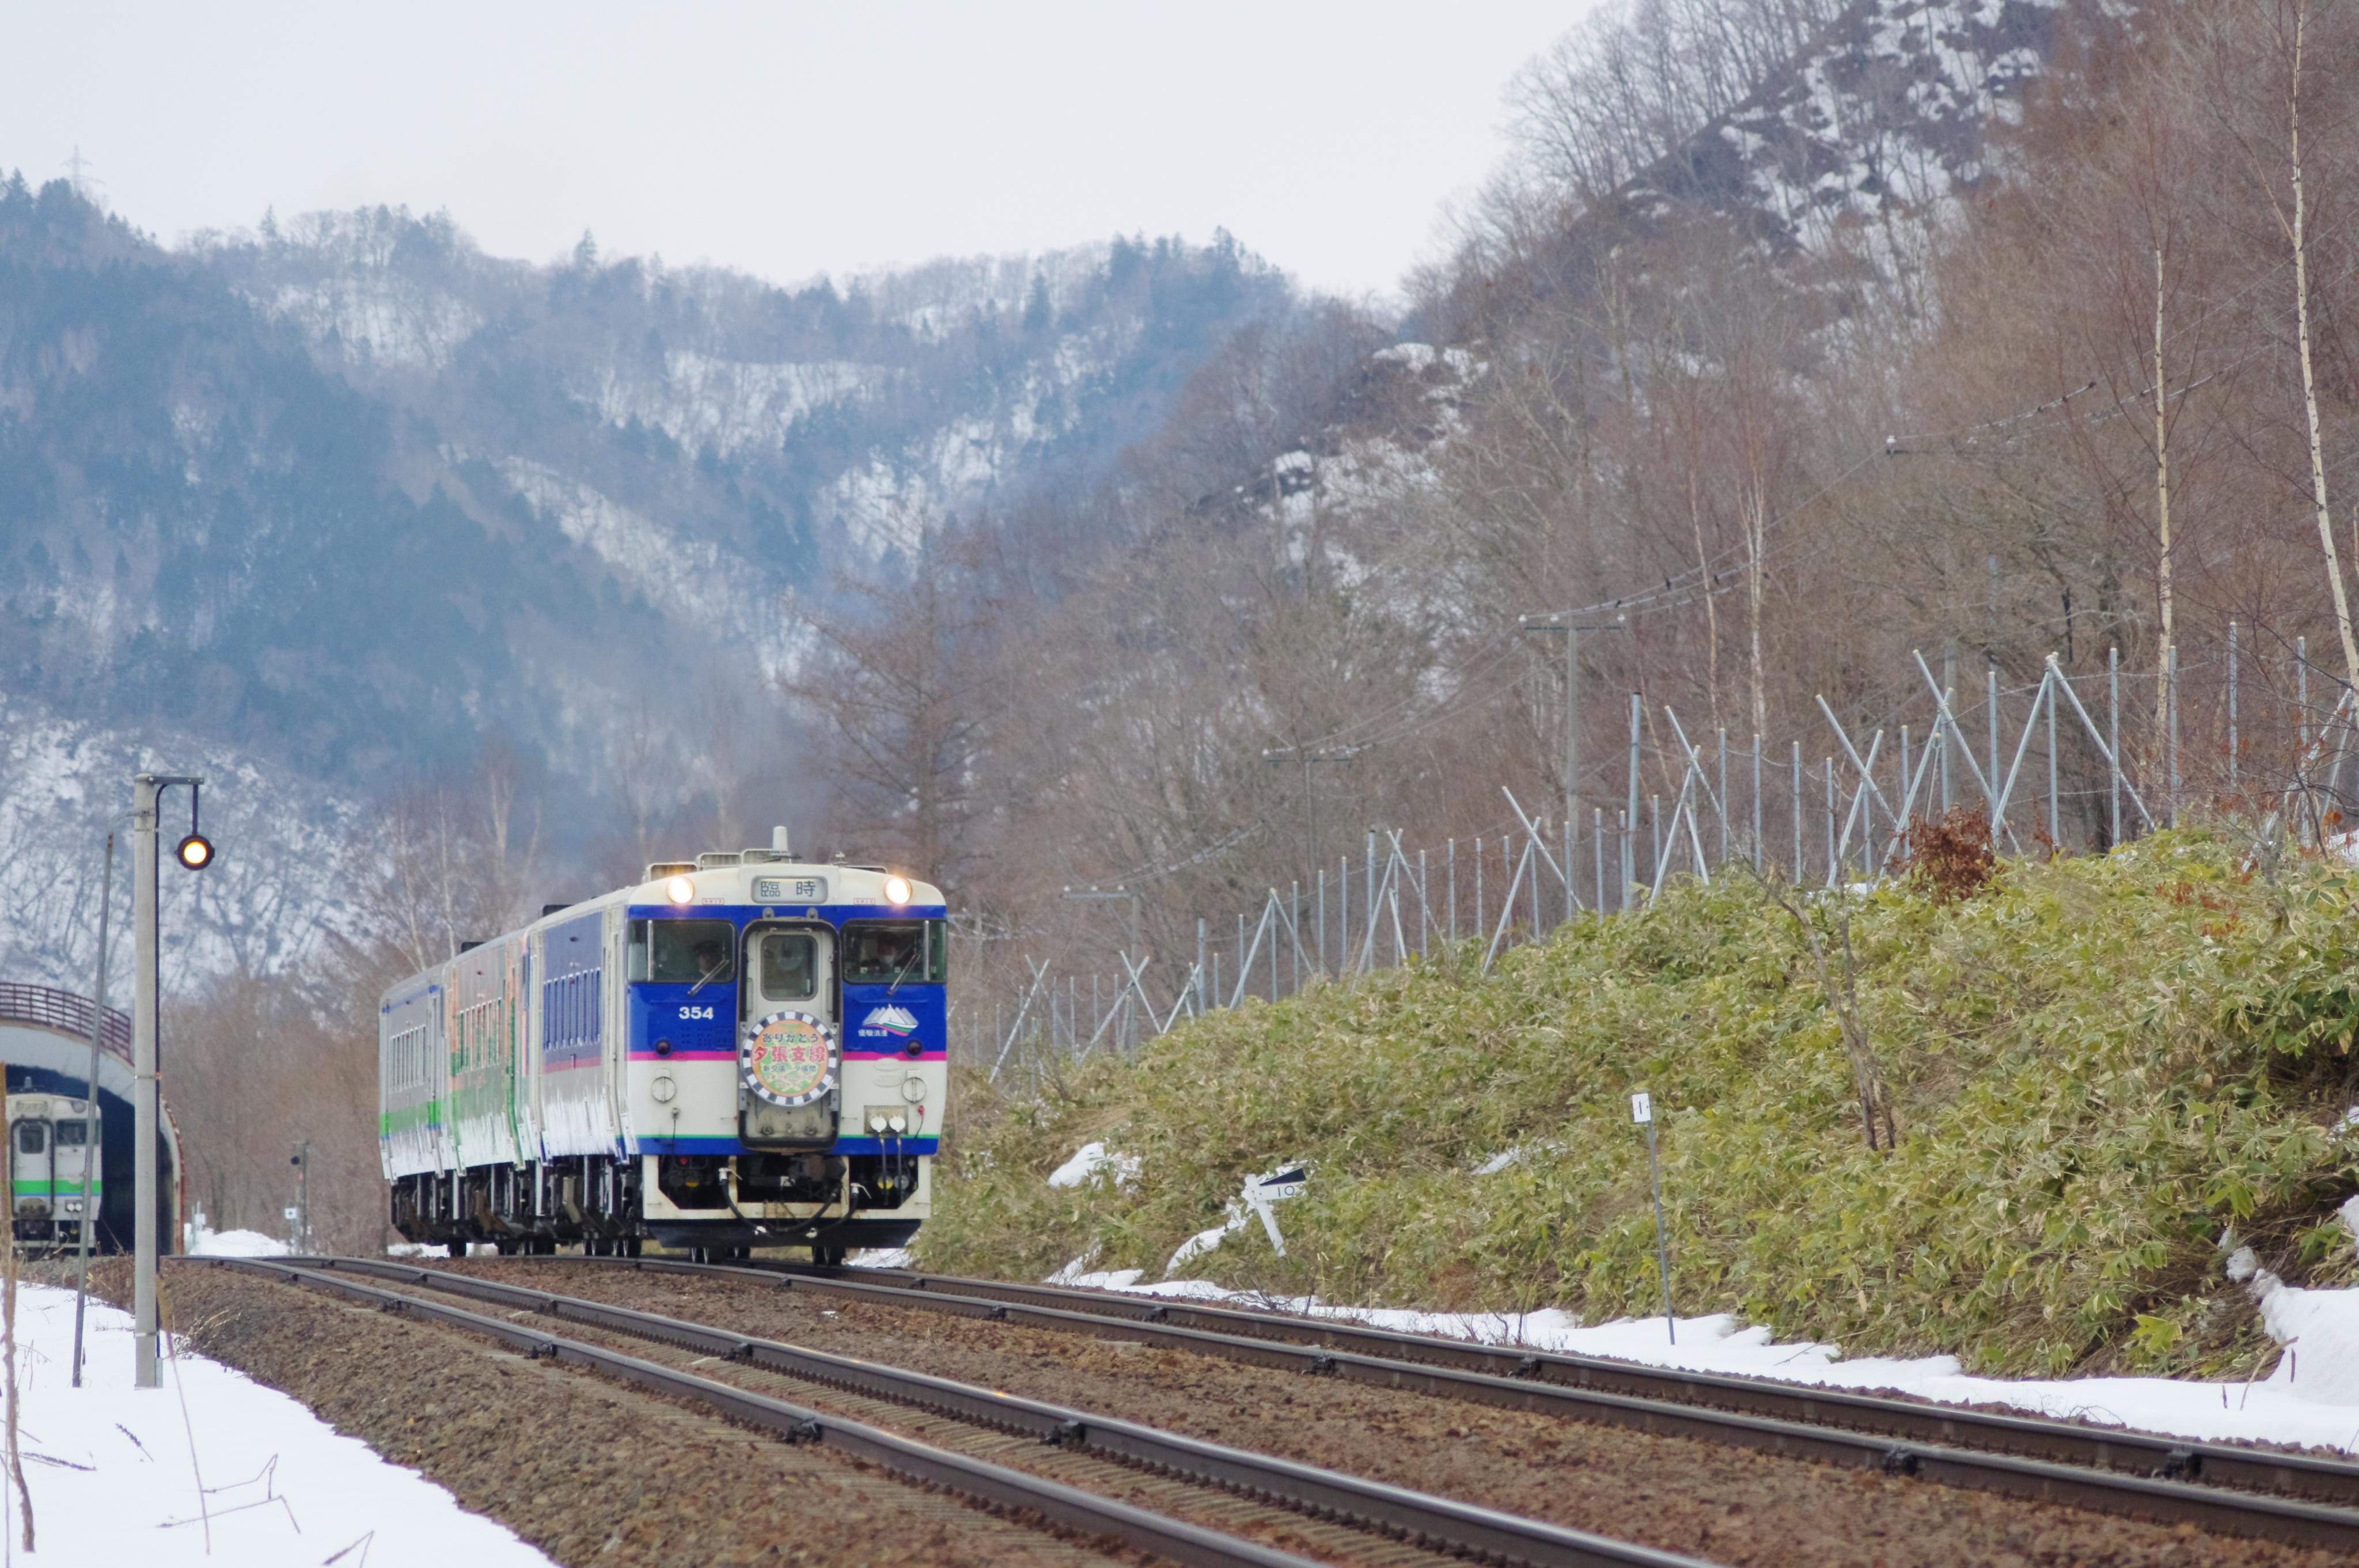 キハ40 9263D 送り込み回送 +2622D 列車交換 十三里信号場_190331 (4).jpg